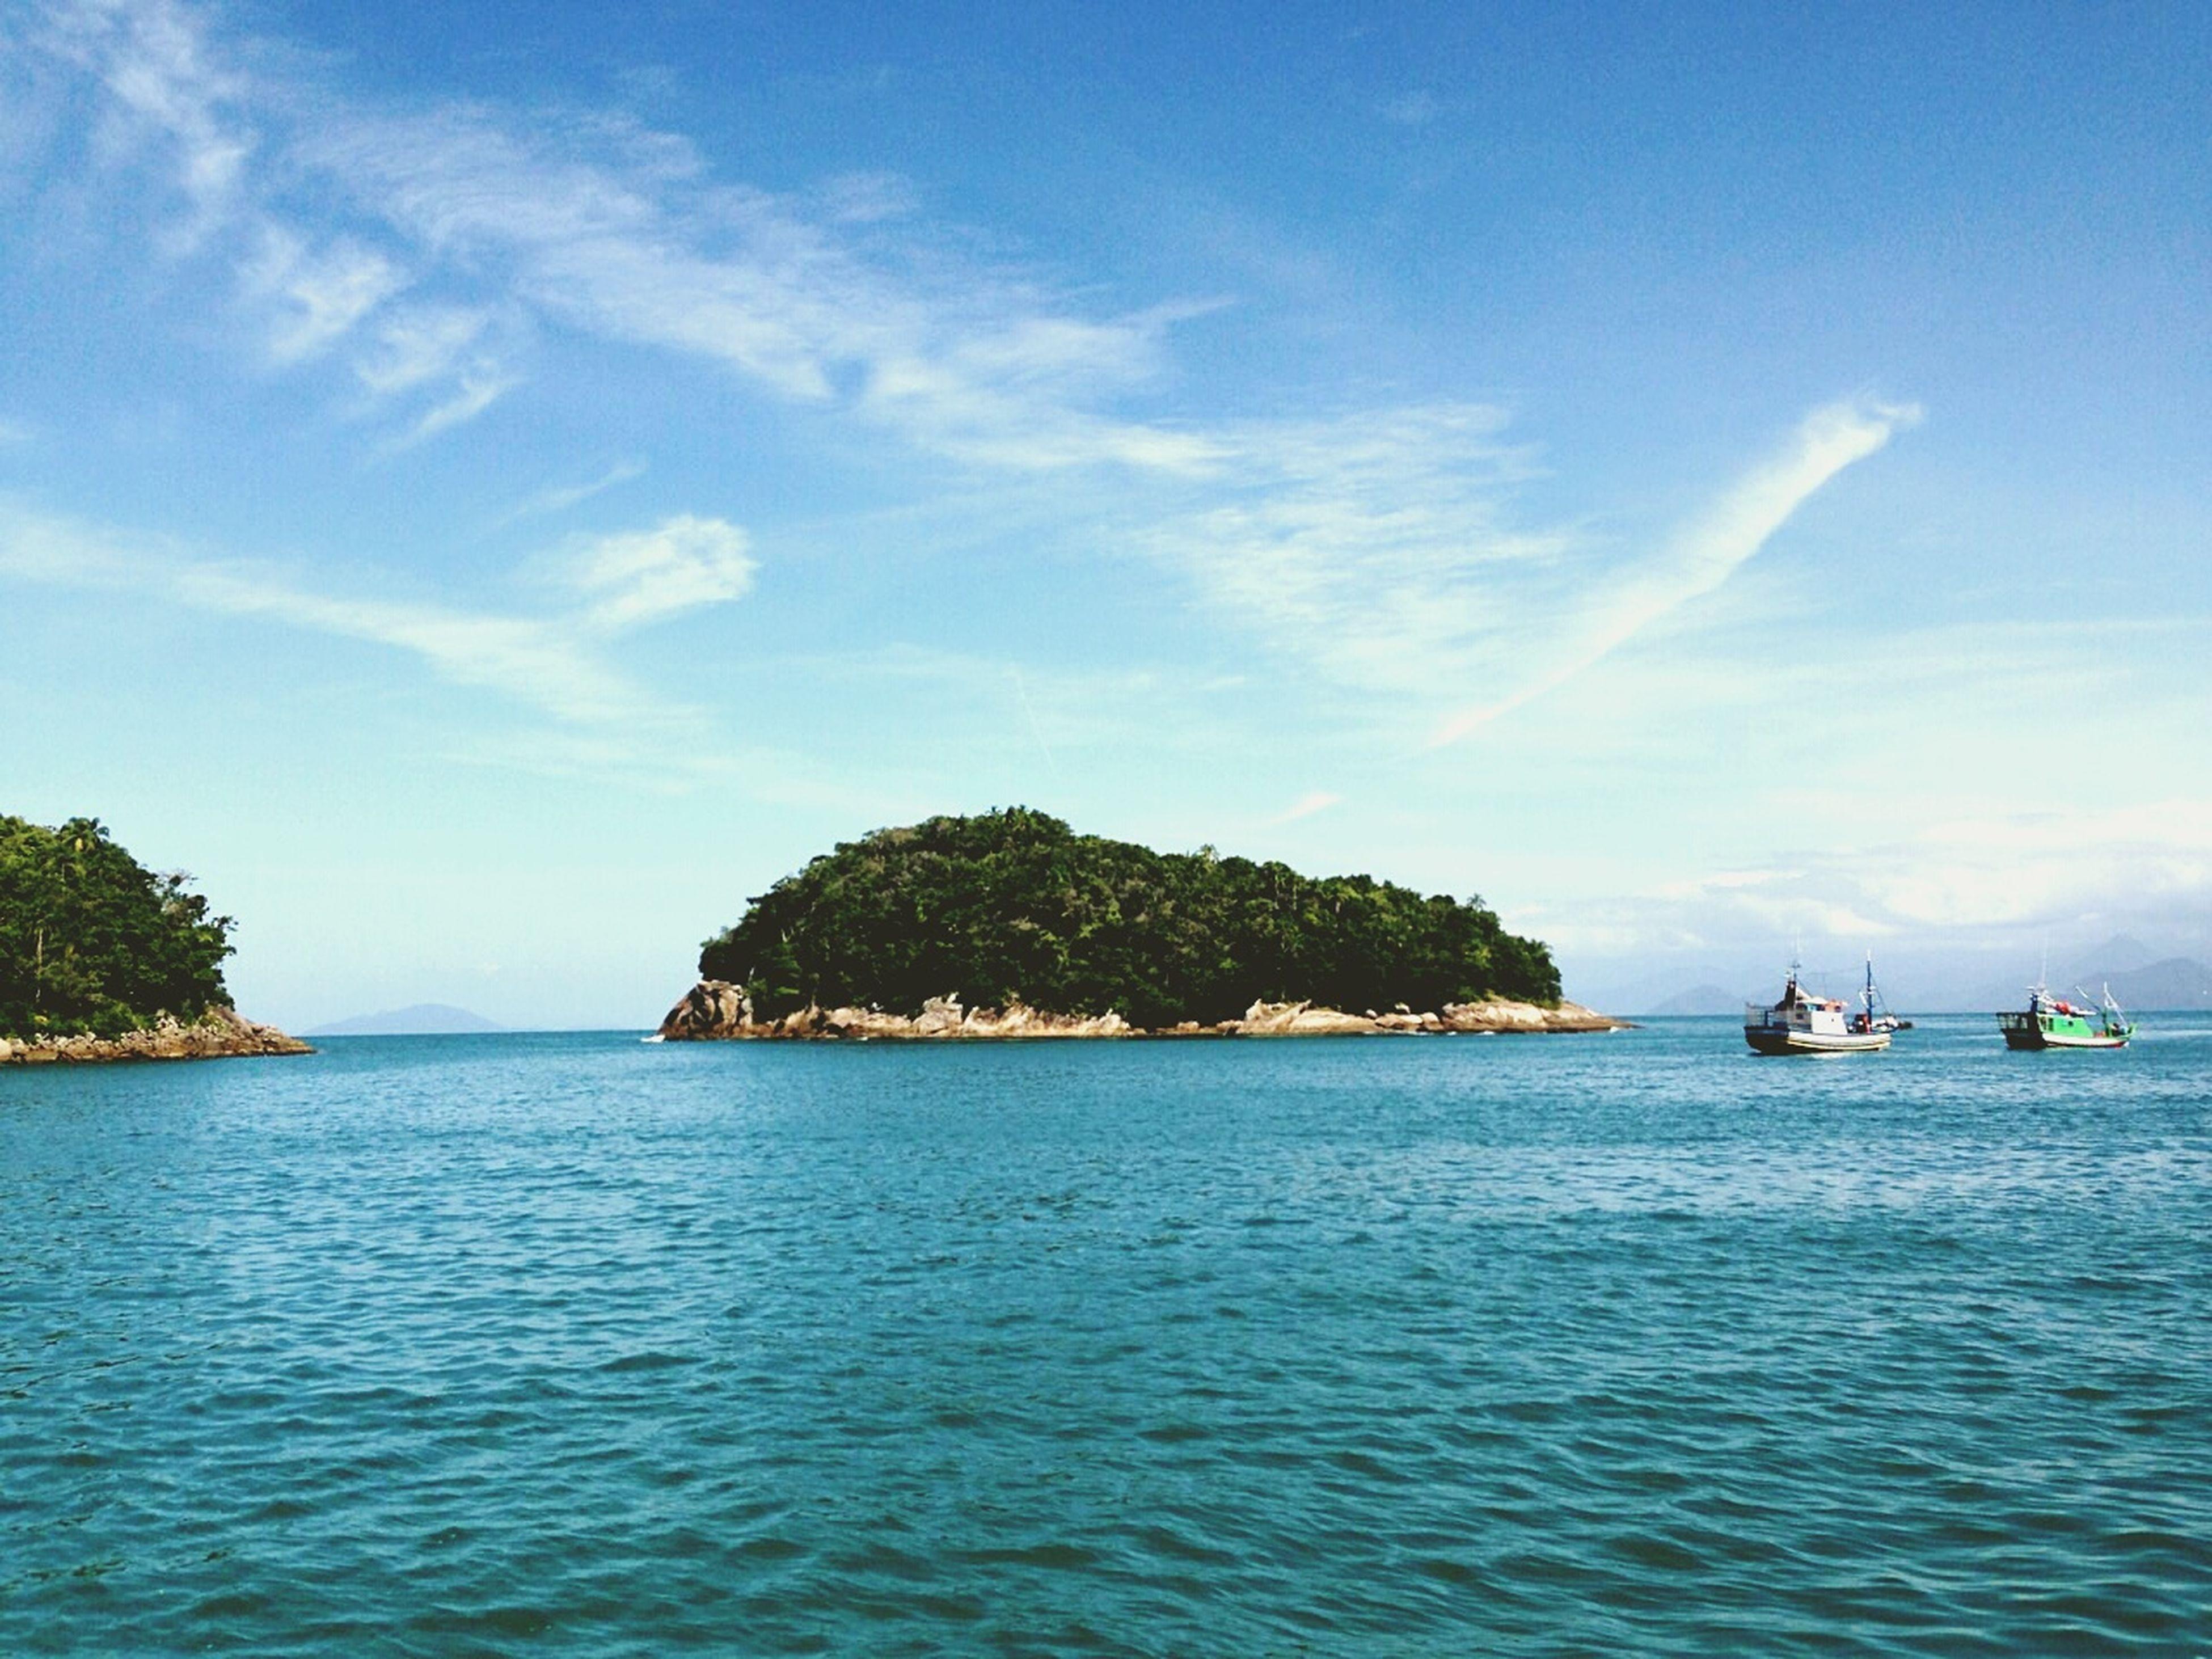 Picinguaba Praia Ilha Das Coves Mar Azul Relax Beautiful Nature Ubatubasp